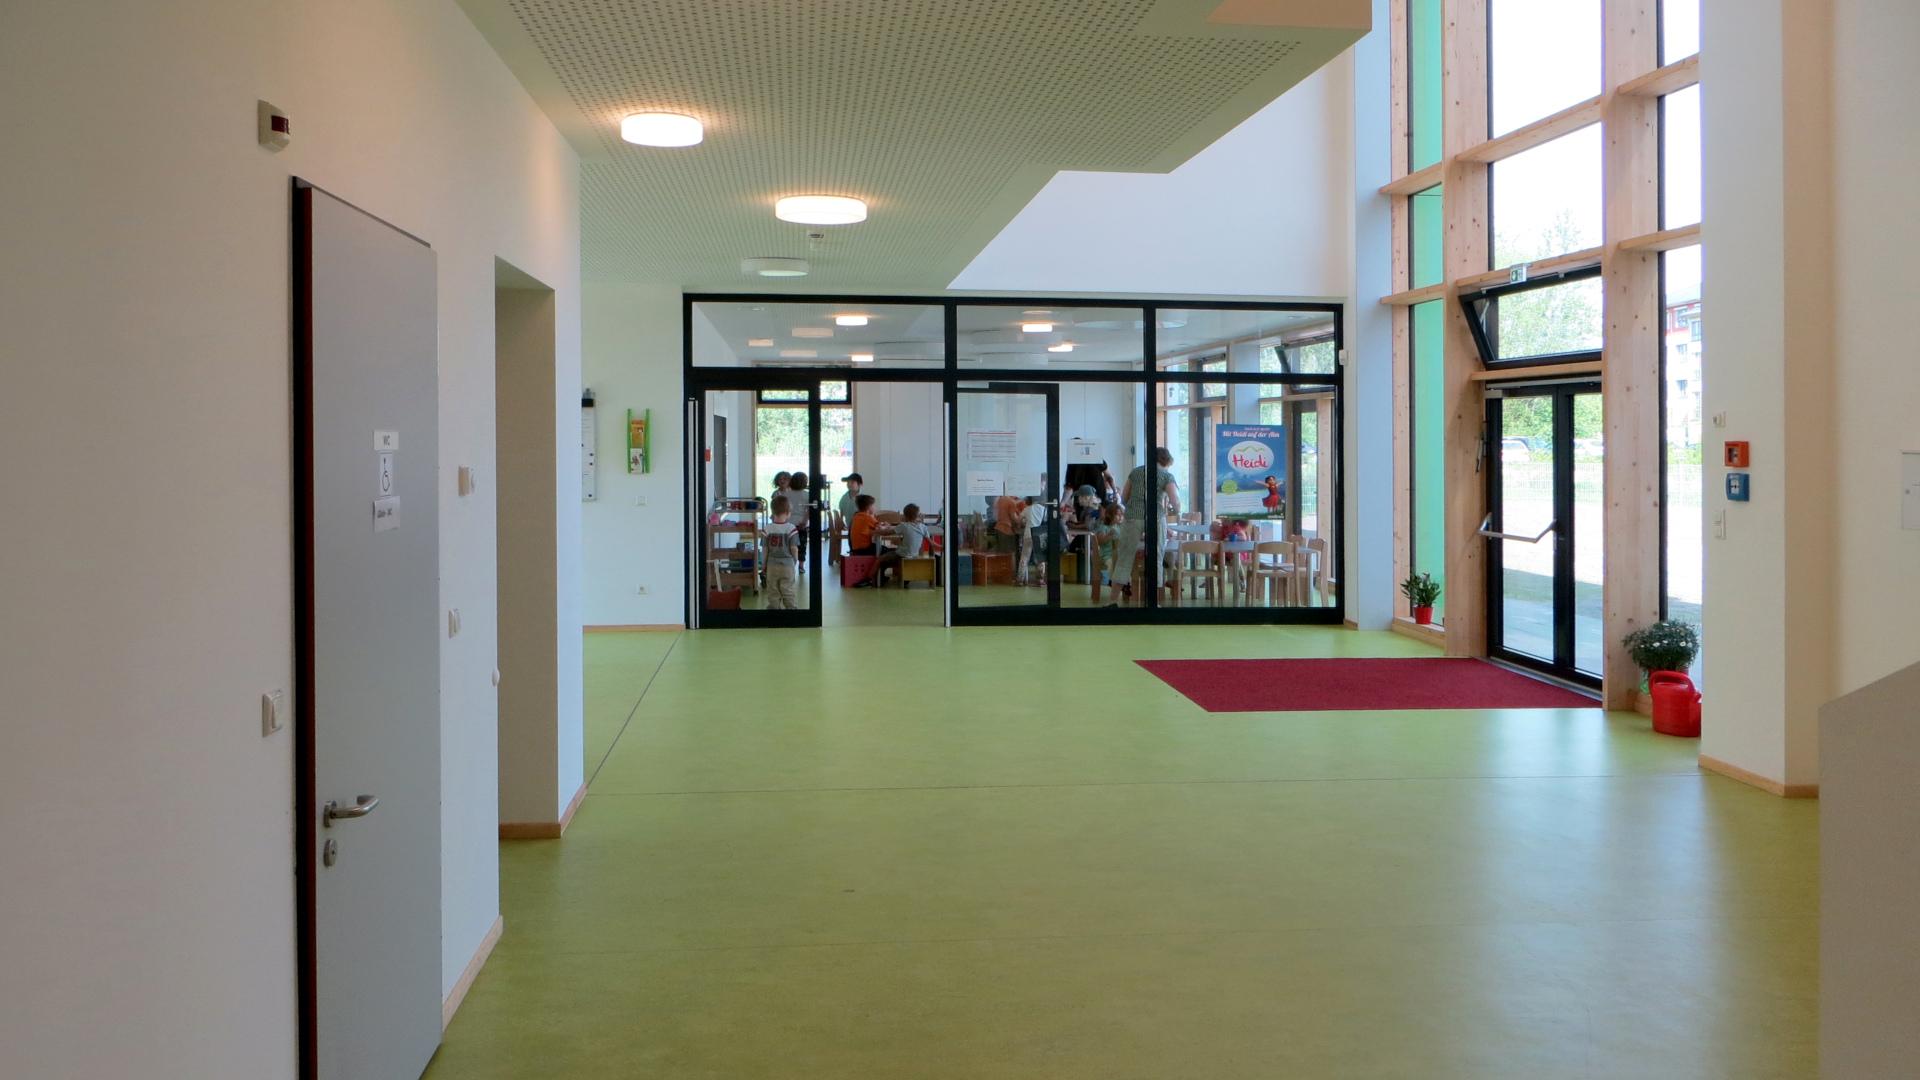 02-Innen-Kindergaertnerei-hd-w